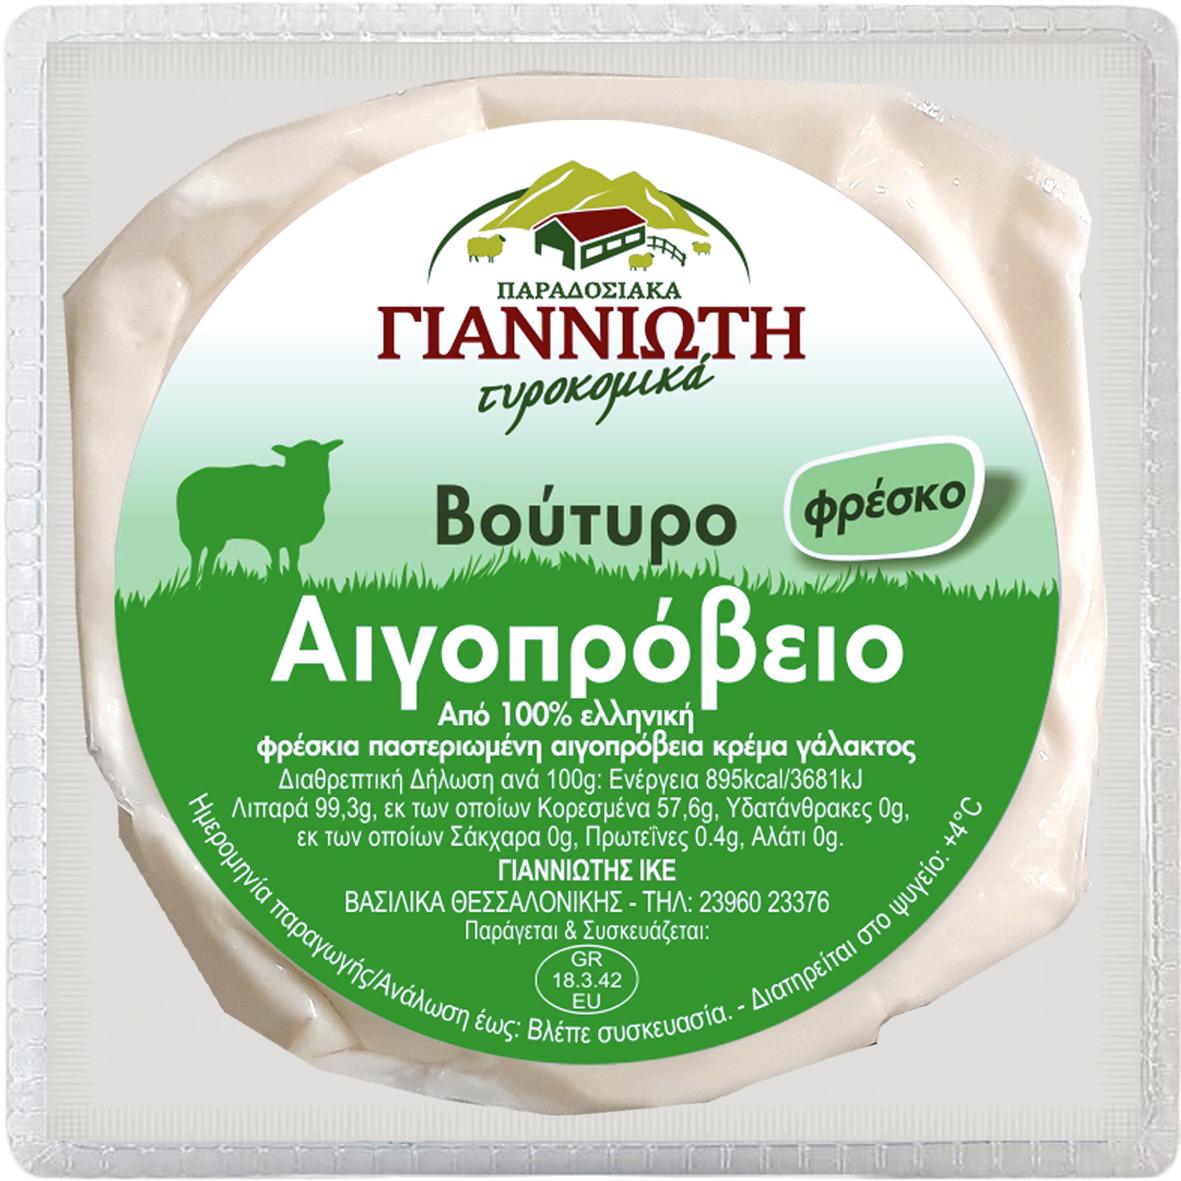 BOYTYRO_AIGOPROVEIO_GIANNIOTI_result